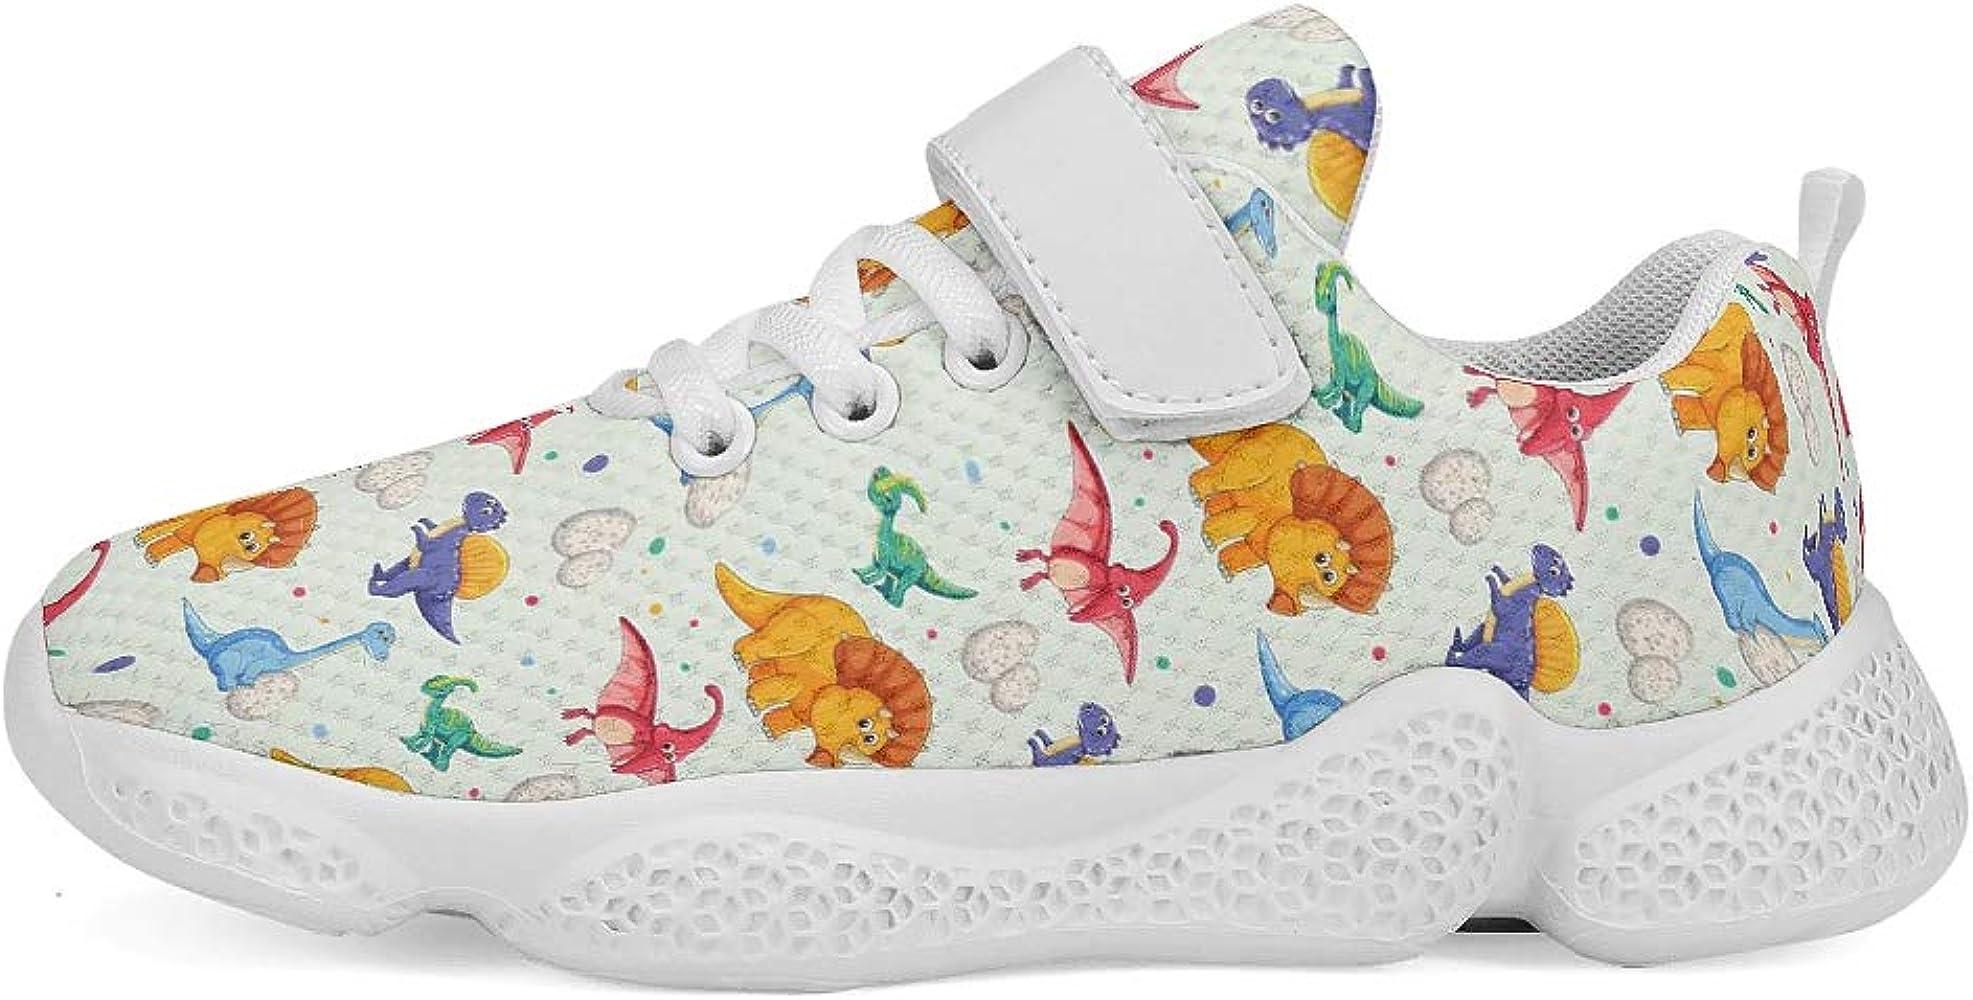 Wraill - Zapatillas de deporte para niños, bonitas dibujos ...